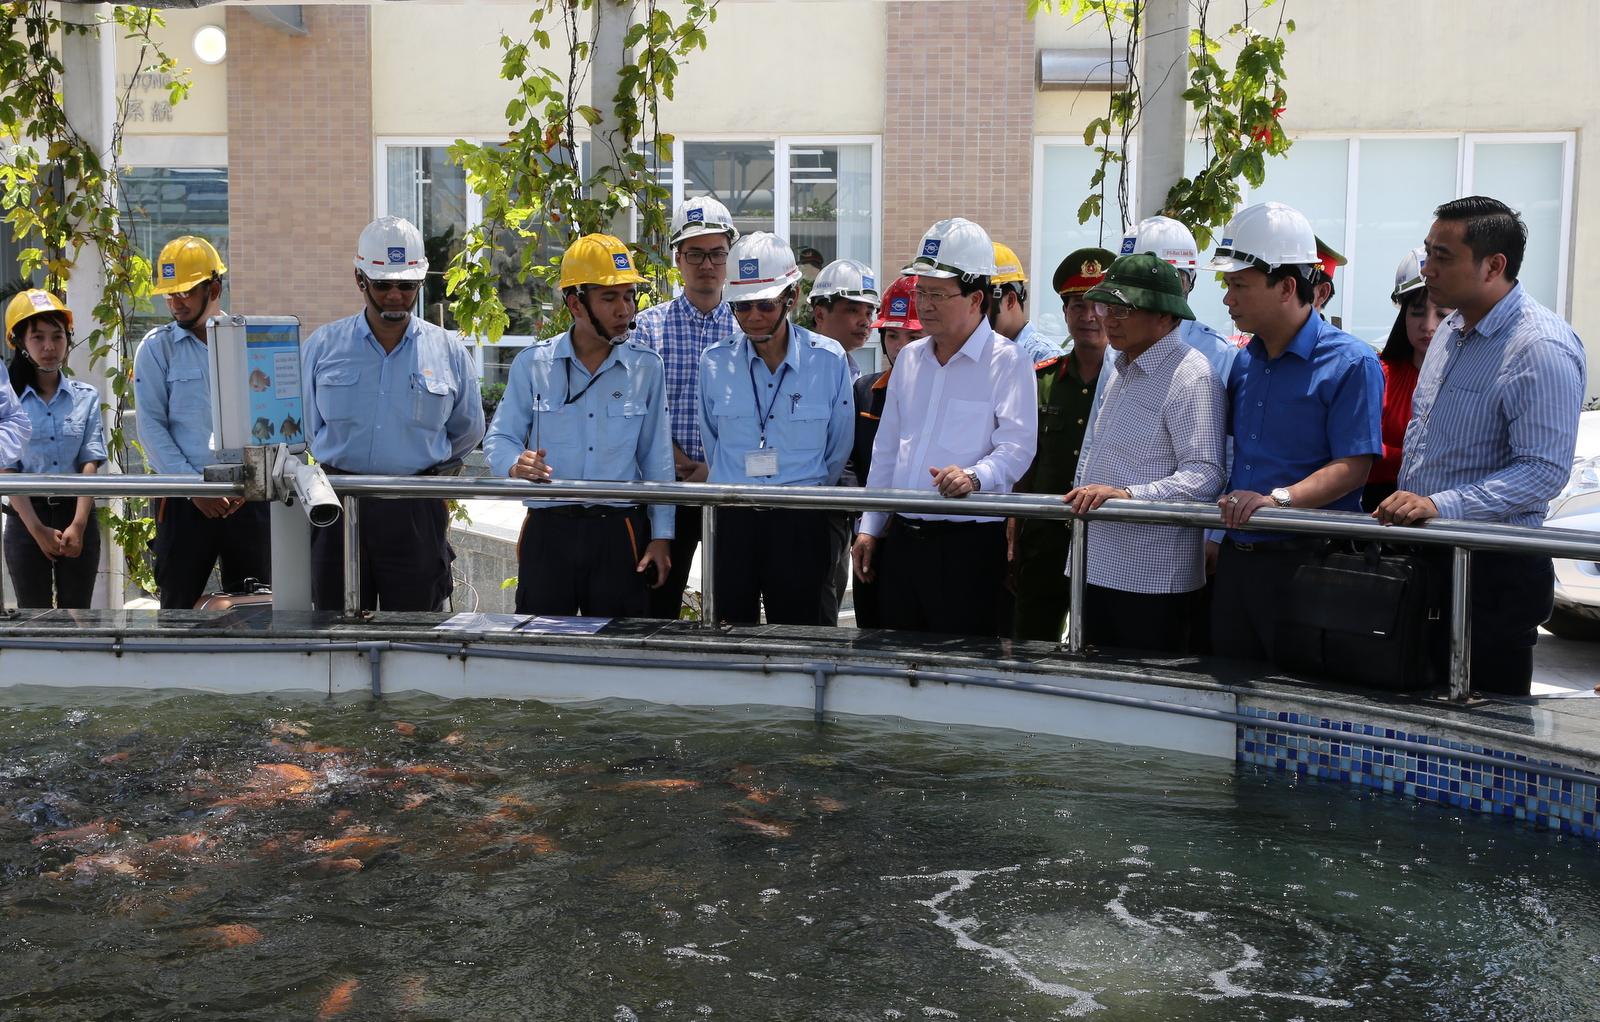 Phải duy trì chế độ kiểm soát môi trường đặc biệt nghiêm ngặt tại Formosa Hà Tĩnh